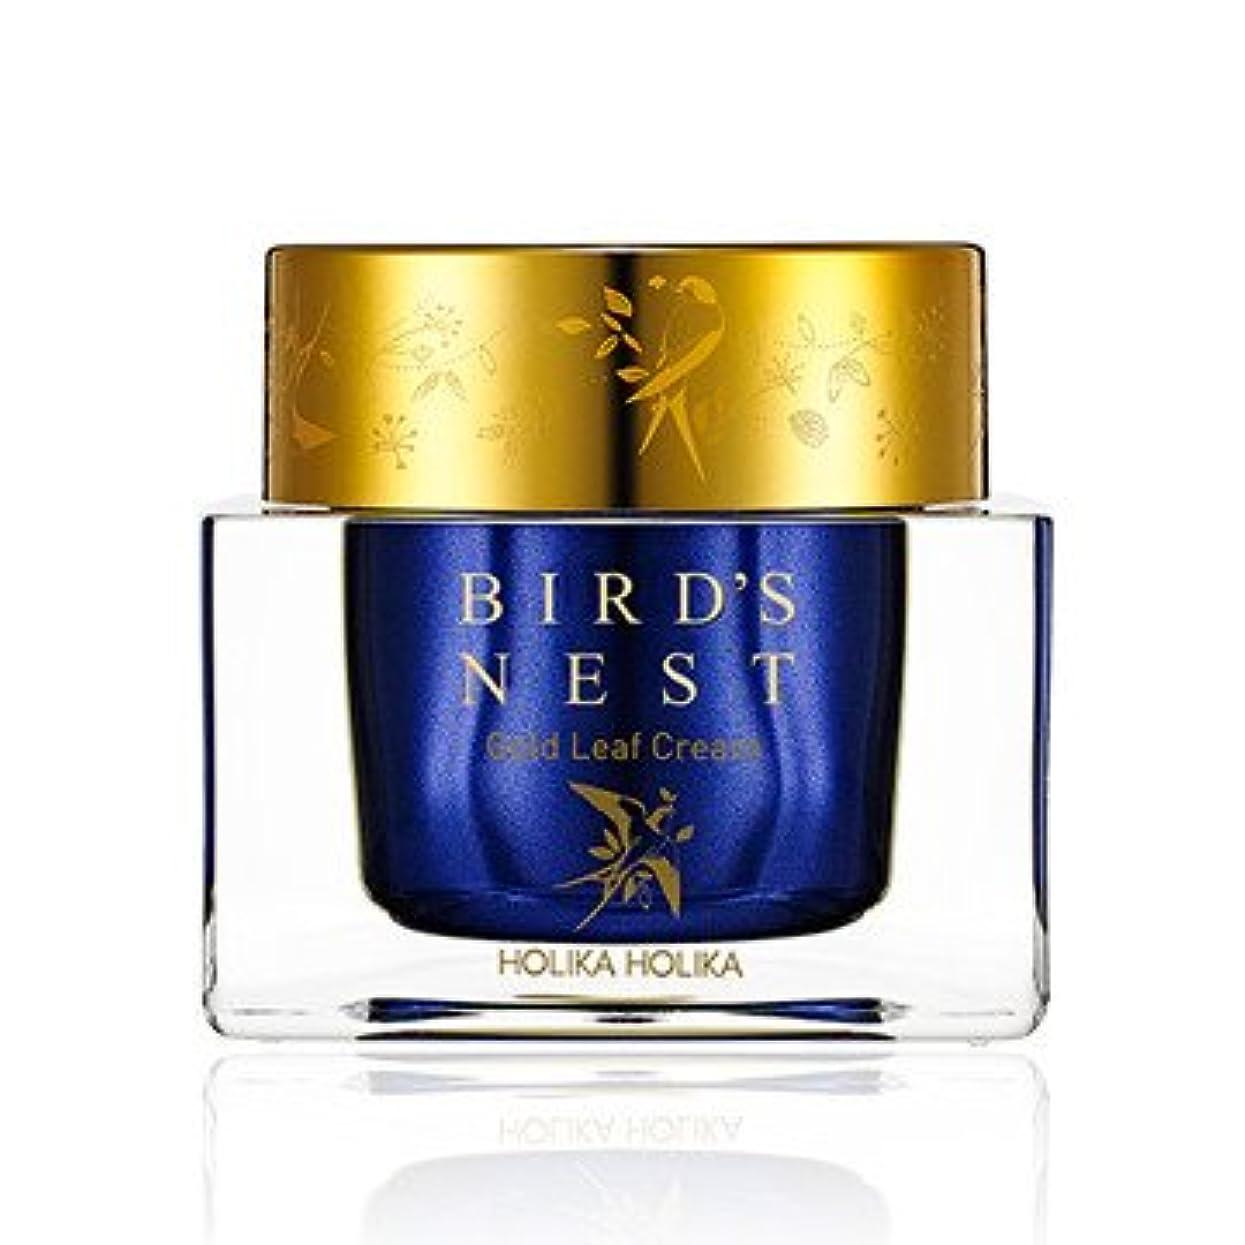 樹木眉ジュラシックパーク[2018 NEW] ホリカホリカ プライムユース バーズネスト ゴールドリーフ クリーム/Holika Holika Prime Youth Birds Nest Gold Leaf Cream 55ml [並行輸入品]